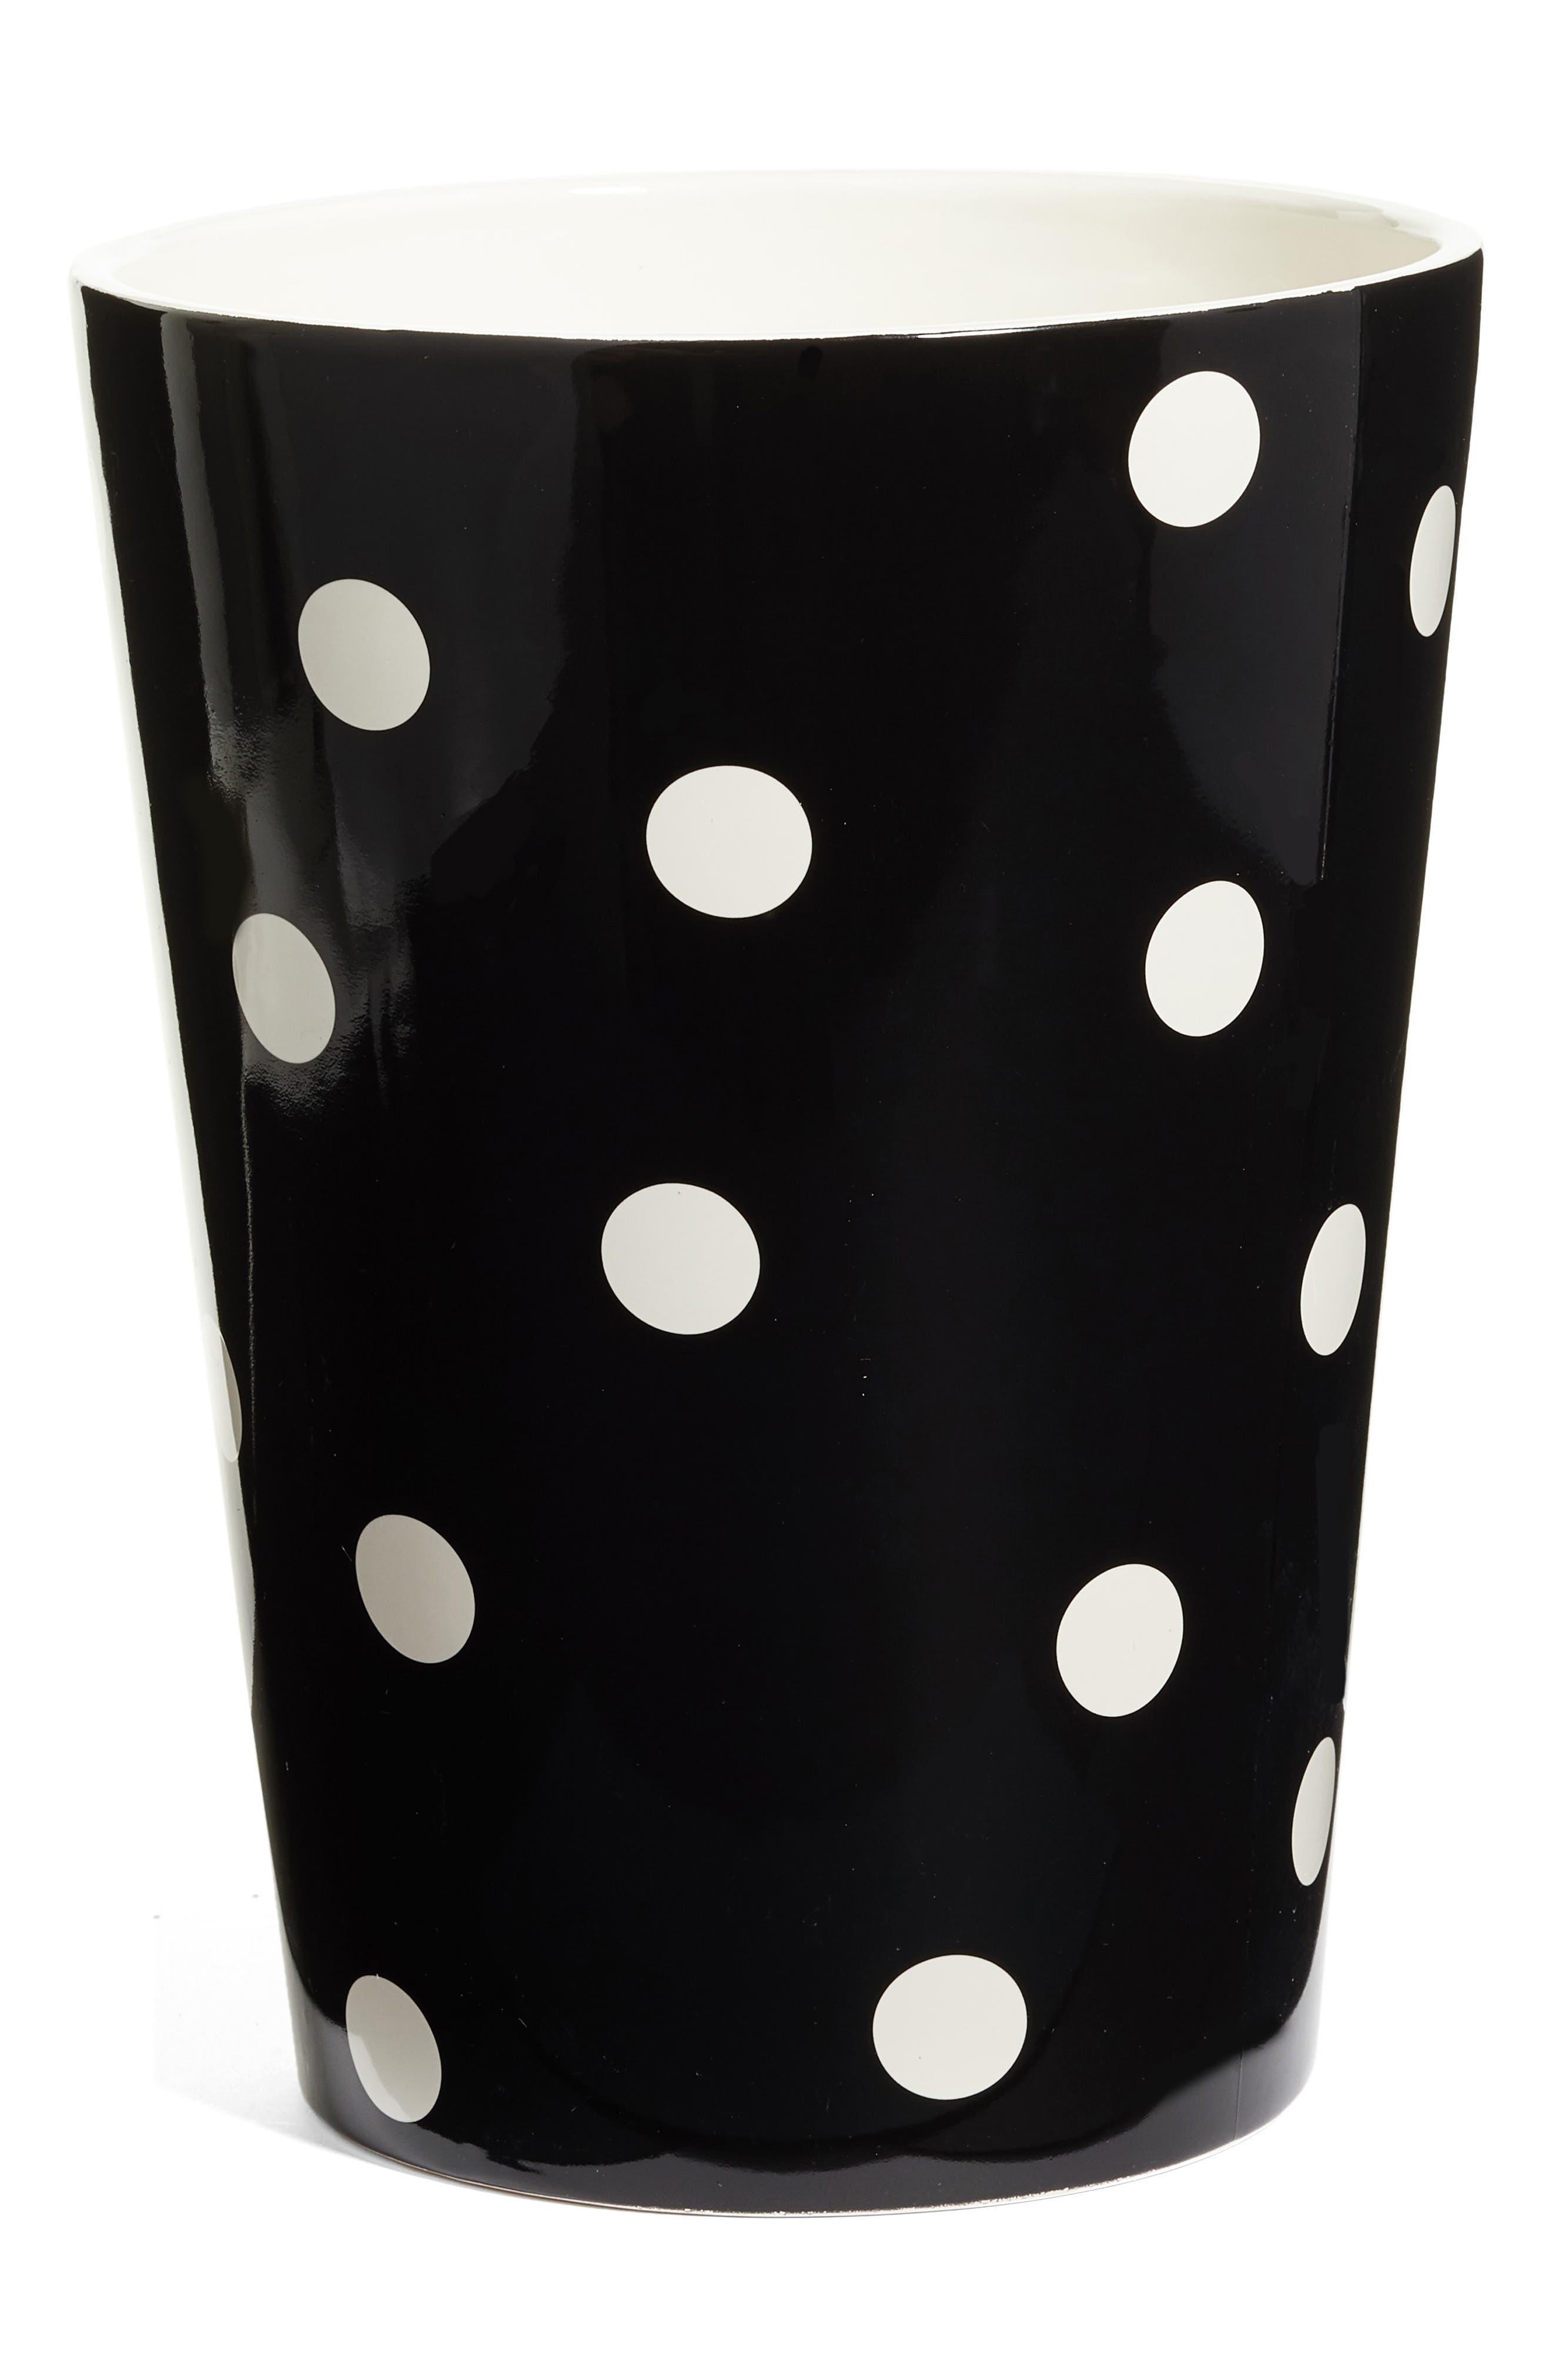 deco dot waste basket,                         Main,                         color, Black/ White